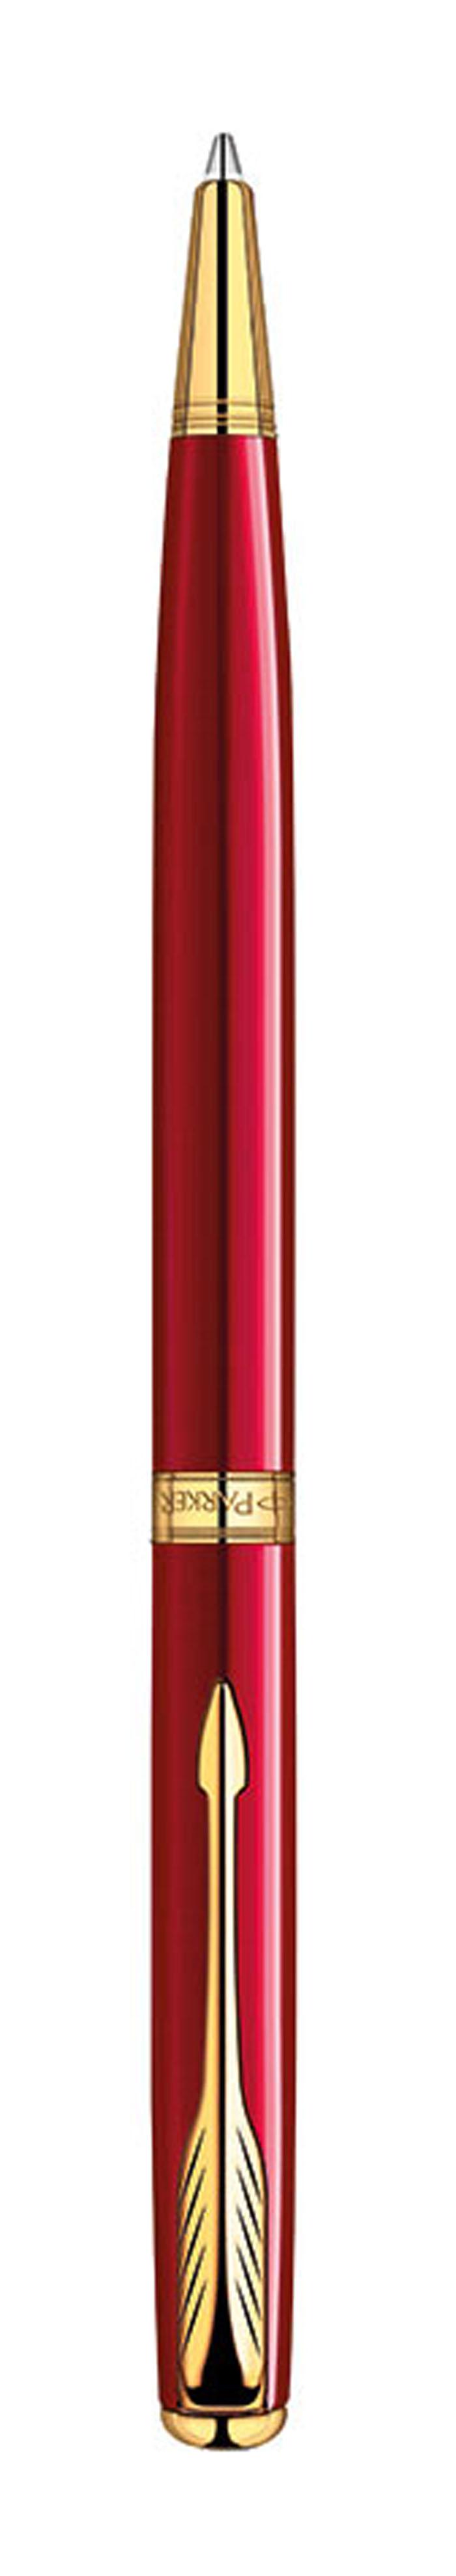 Parker Ручка шариковая Sonnet Slim Laque Red GTPARKER-S1859473Шариковая ручка Parker Sonnet Slim K439 Lacque Red GT из самой популярной коллекции Sonnet. Материал ручки - ювелирная латунь с лаковым покрытием восхитительного ярко-красного цвета, в отделке применяется позолота 23К. В ручке используются стандартные шариковые стержни Parker, в комплект поставки входит один стержень черного цвета. Данный пишущий инструмент обладает утонченным корпусом, всего 8 мм, и поставляется в фирменной подарочной коробке премиум-класса, что делает его превосходным подарком для девушки, а также для всех, кто предпочитает ручки с тонким корпусом. В комплекте идет гарантийный талон с международной гарантией на 2 года.Механизм поворотного действияДлина 13.2 смДиаметр (max) 8 ммЦвет красныйЦвет отделки золотойОсобенности используются стандартные шариковые стержни ParkerСтержень в комплекте черный, M (средний)Комплектация: 1 стержень в ручке, подарочная коробка, гарантийный талон